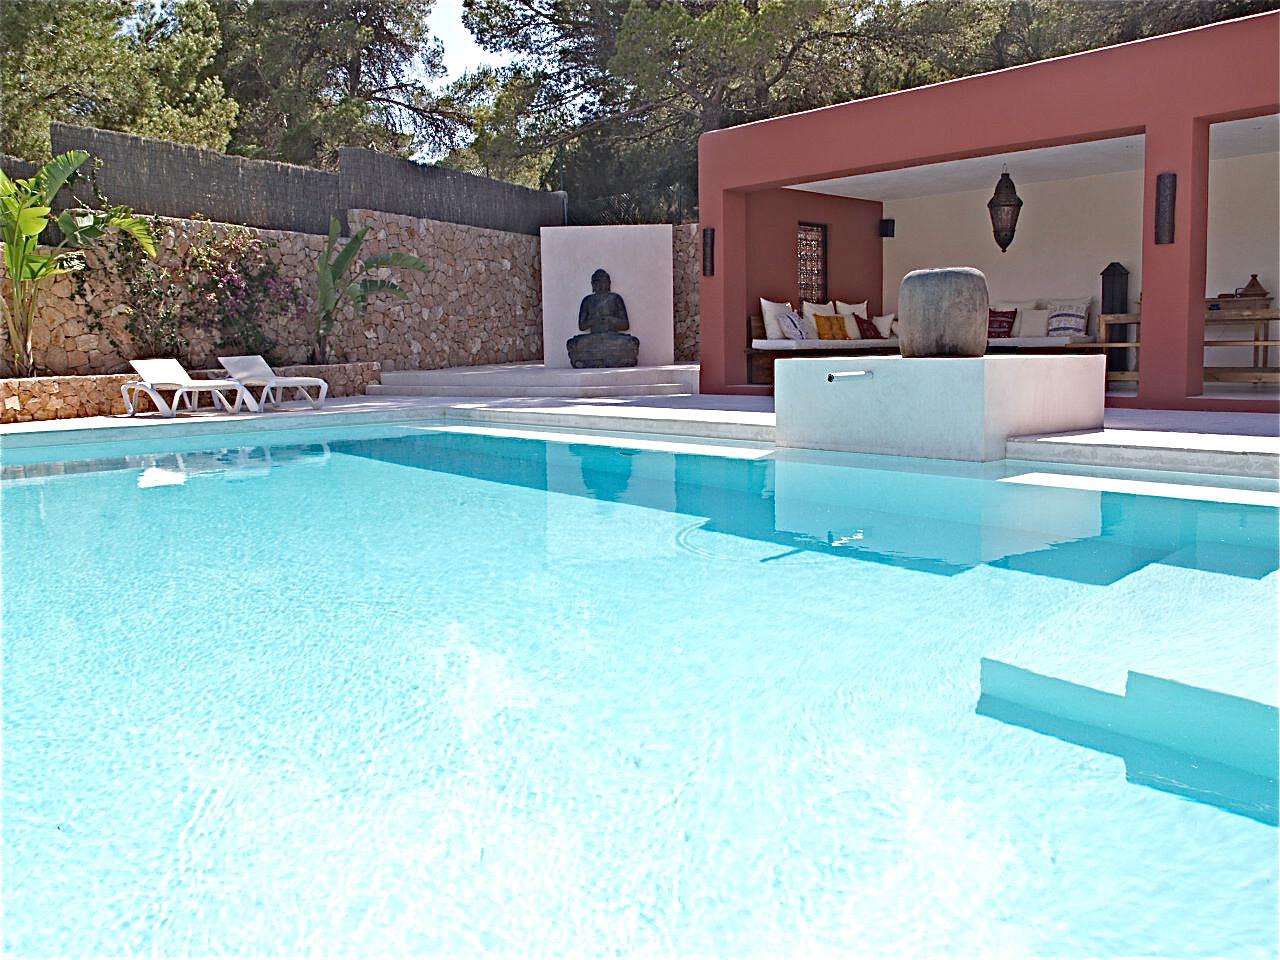 Alquiler de Villa en Cala Vadella - Ibiza (Ref. 738) - 2